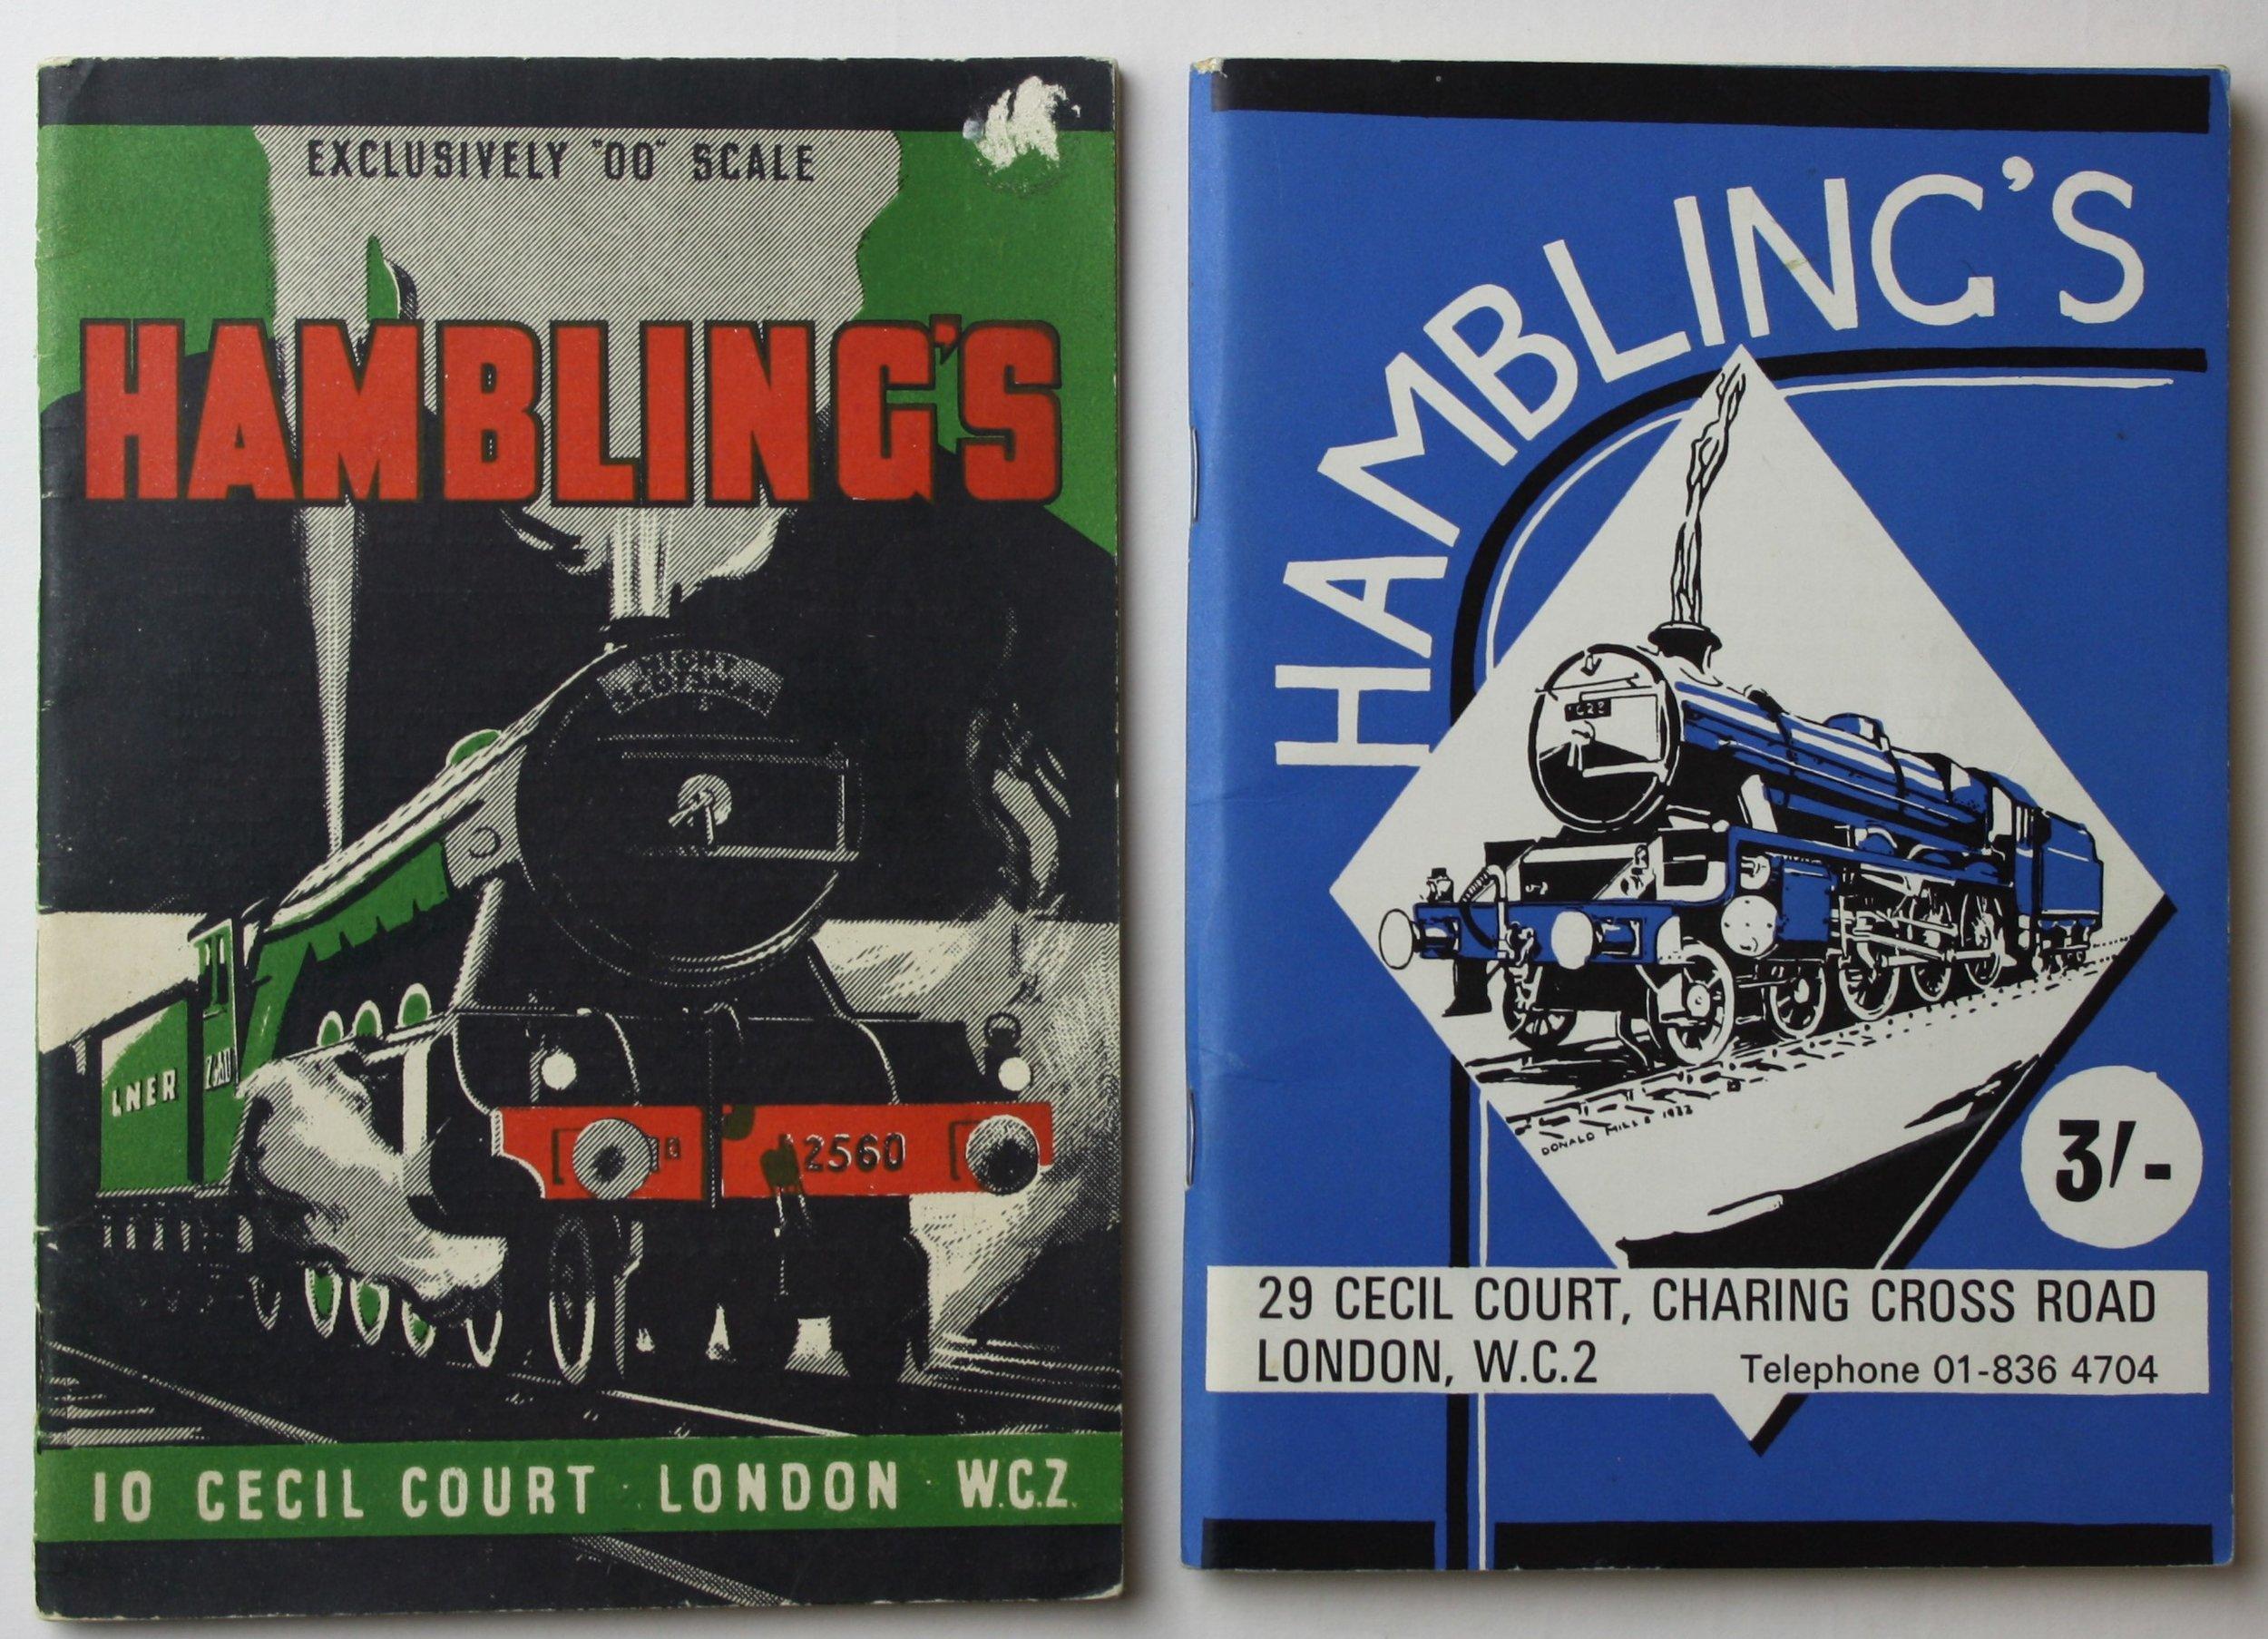 Hambling's catalogues, c. 1948 and 1968